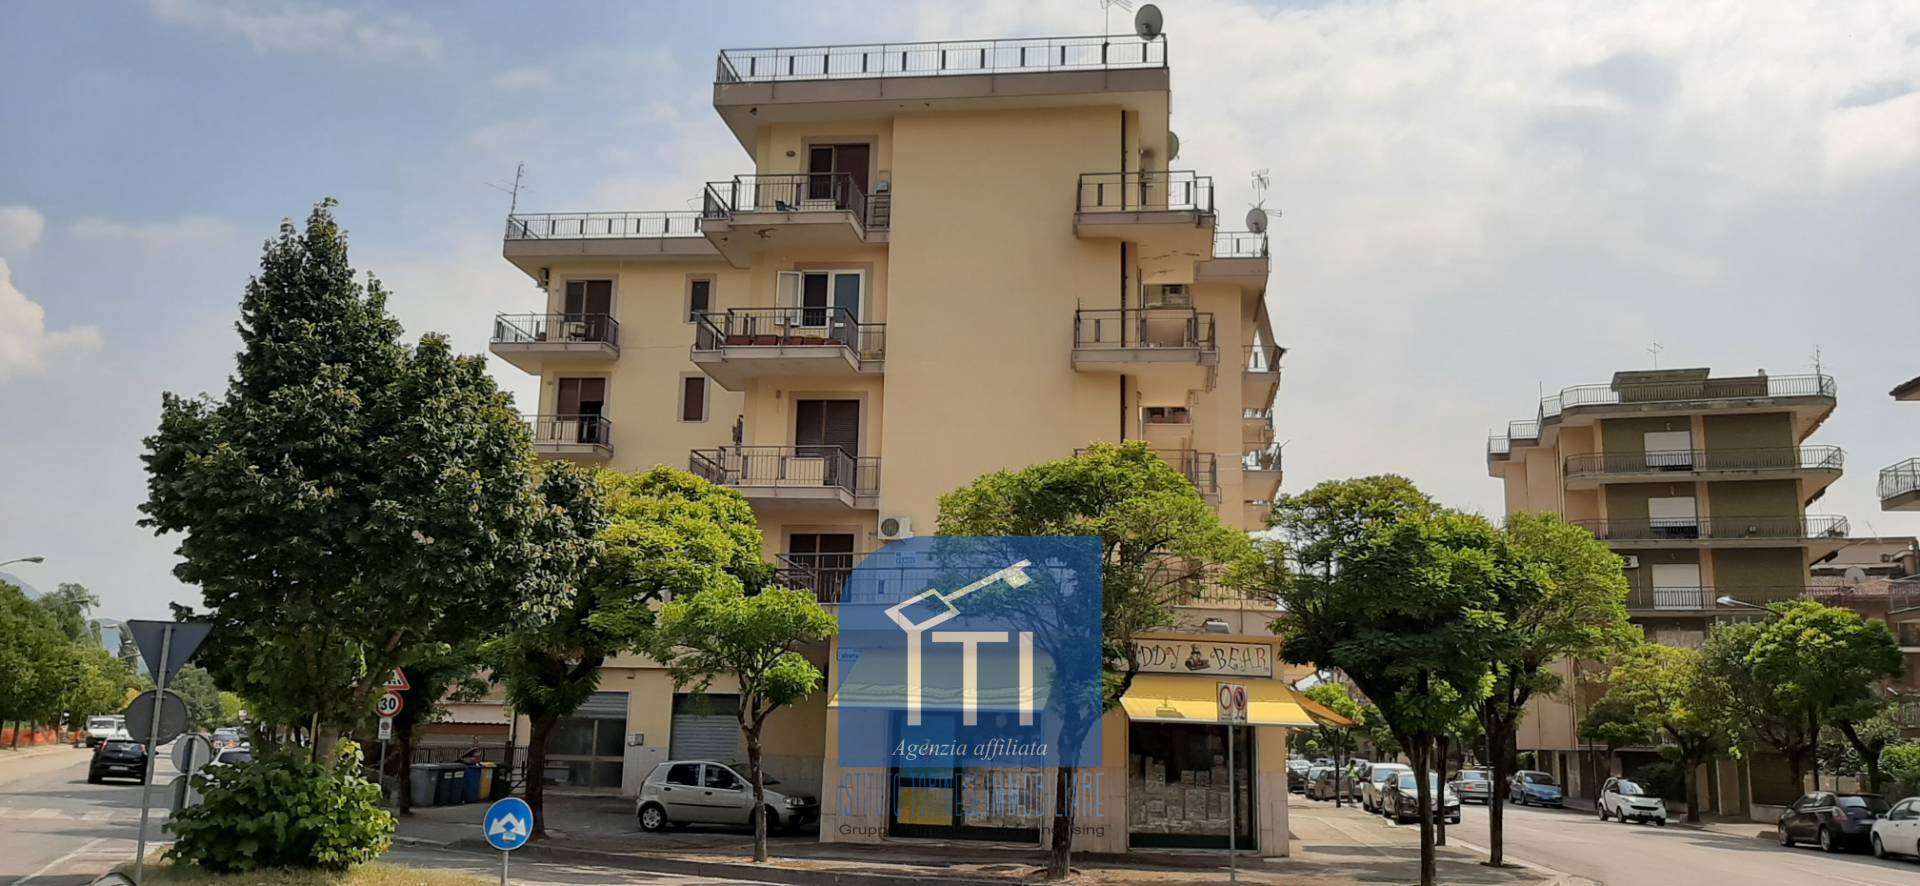 Appartamento in vendita a Cassino, 4 locali, prezzo € 144.000   CambioCasa.it